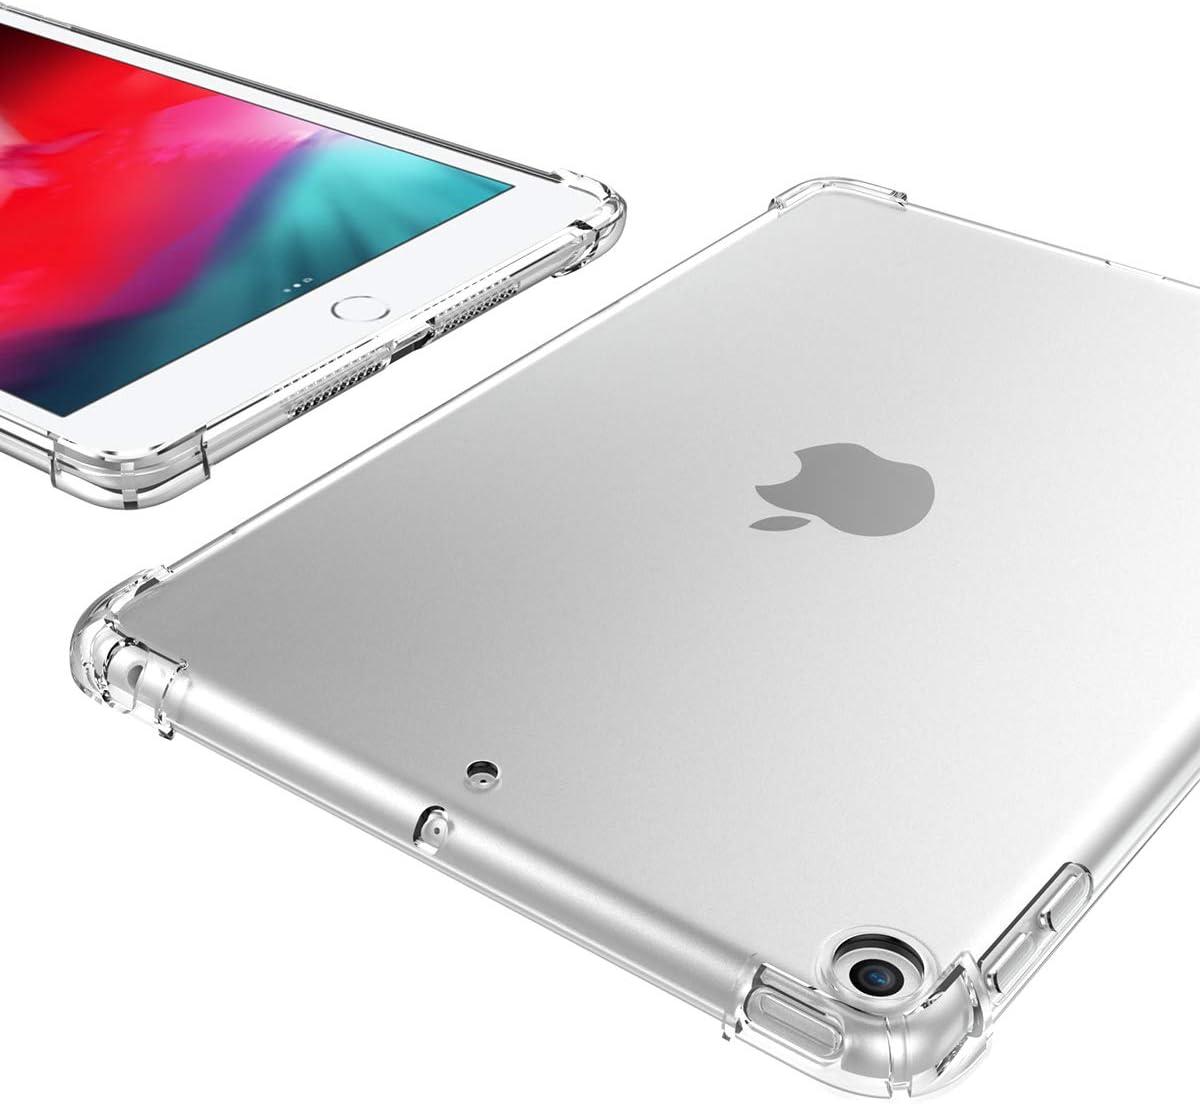 iPad Mini 5 Case Soft TPU Slim Cover for Apple iPad 7.9 inch 2019 iPad Mini 5 Generation Back Cover Silicone Clear